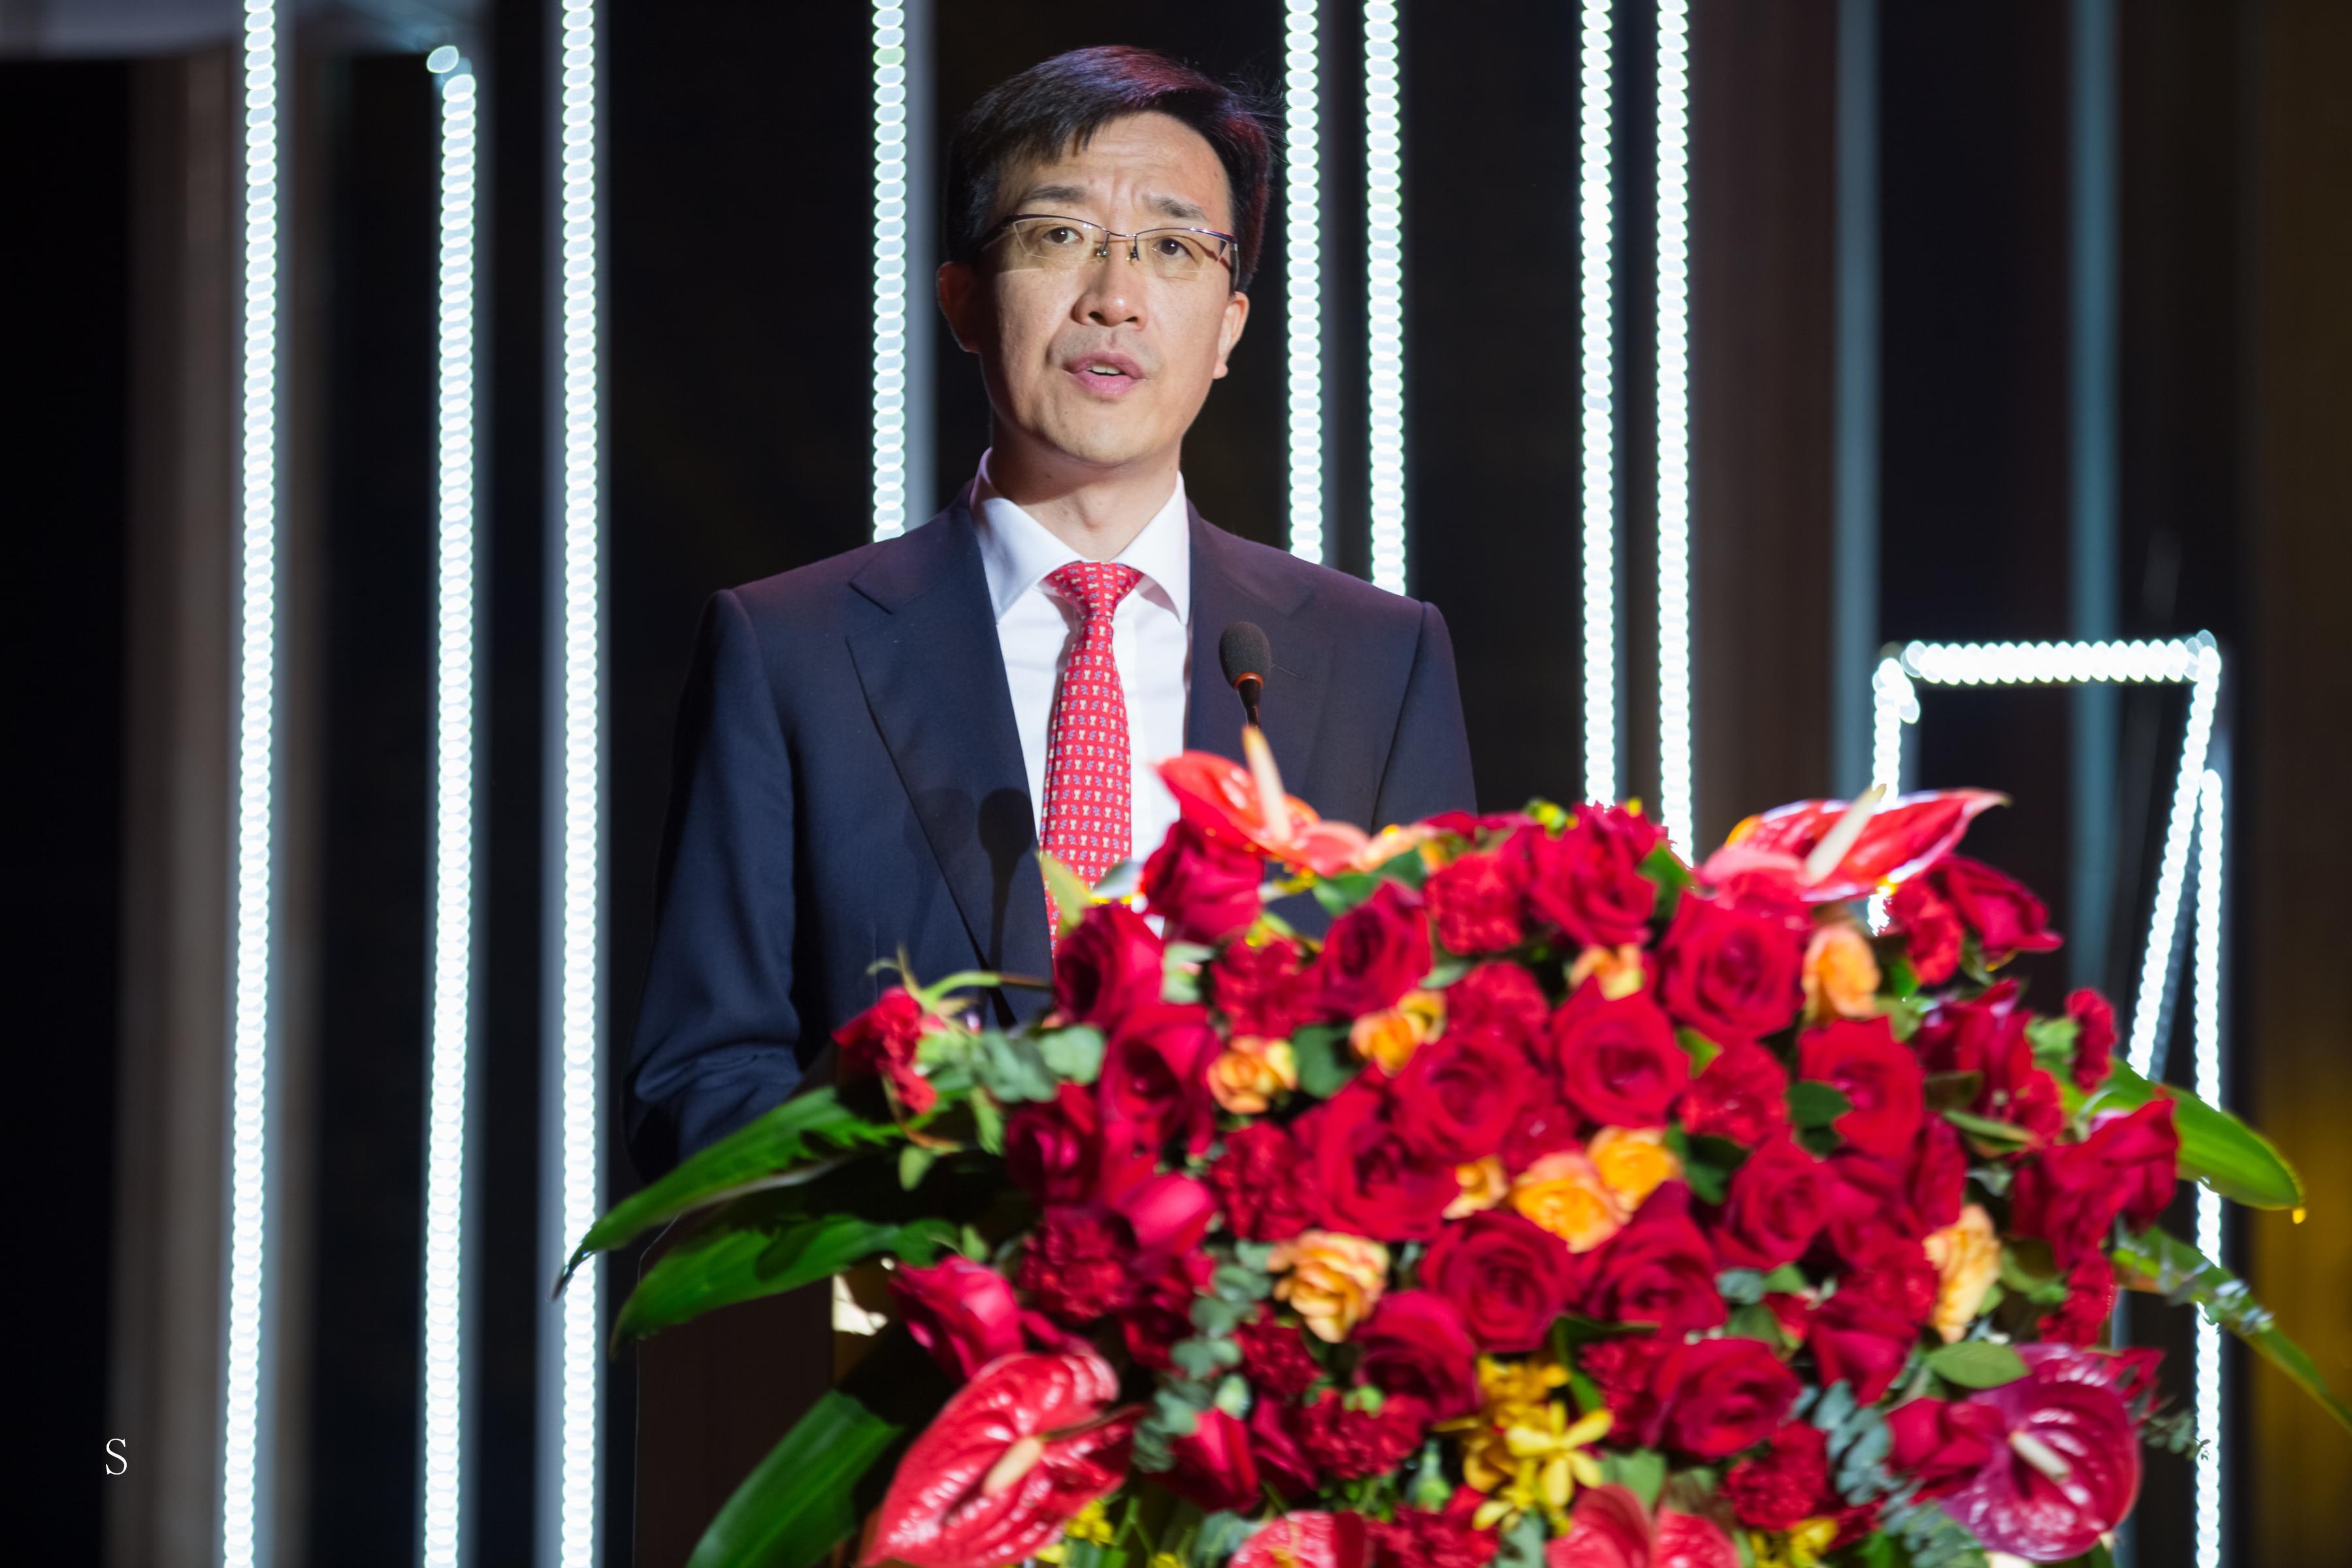 姜雪飞,深圳市崇达电路技术股份有限公司董事长.